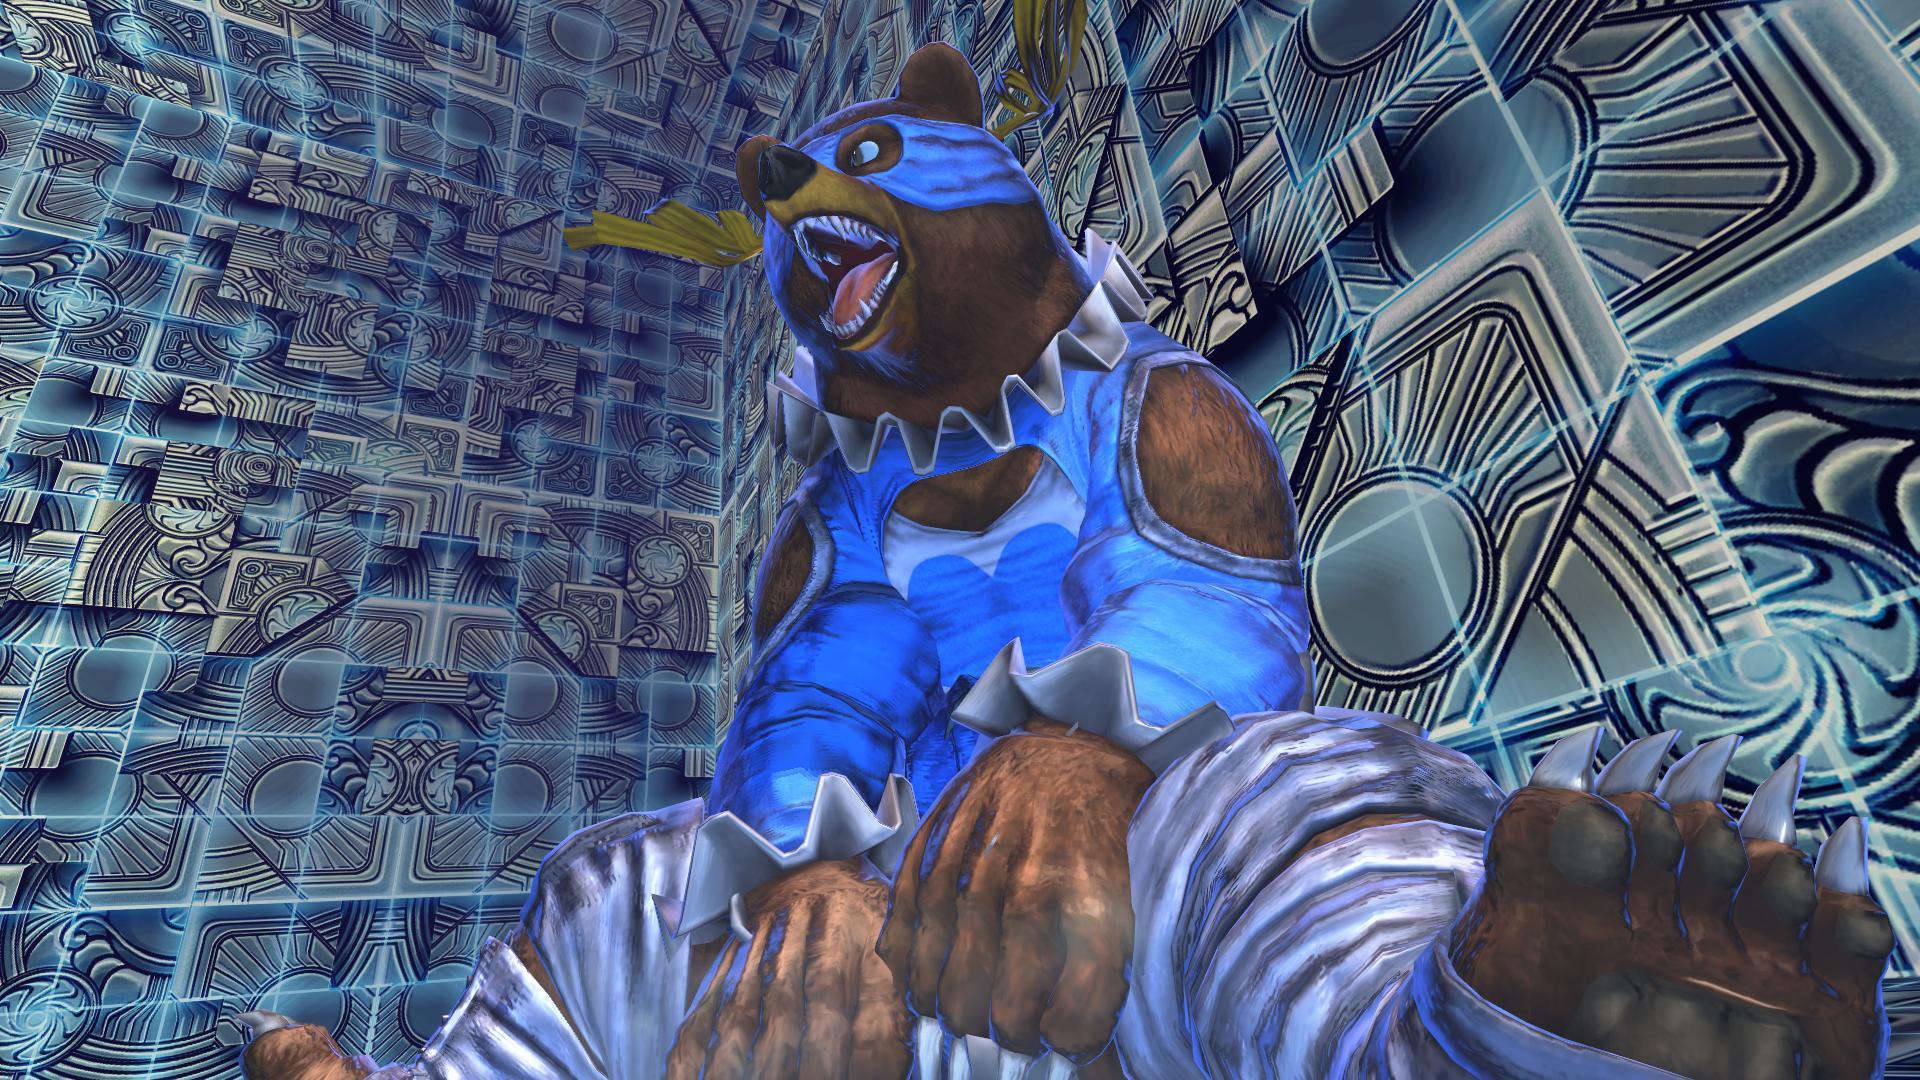 Street Fighter X Tekken: Tekken Swap Costume Complete Pack screenshot